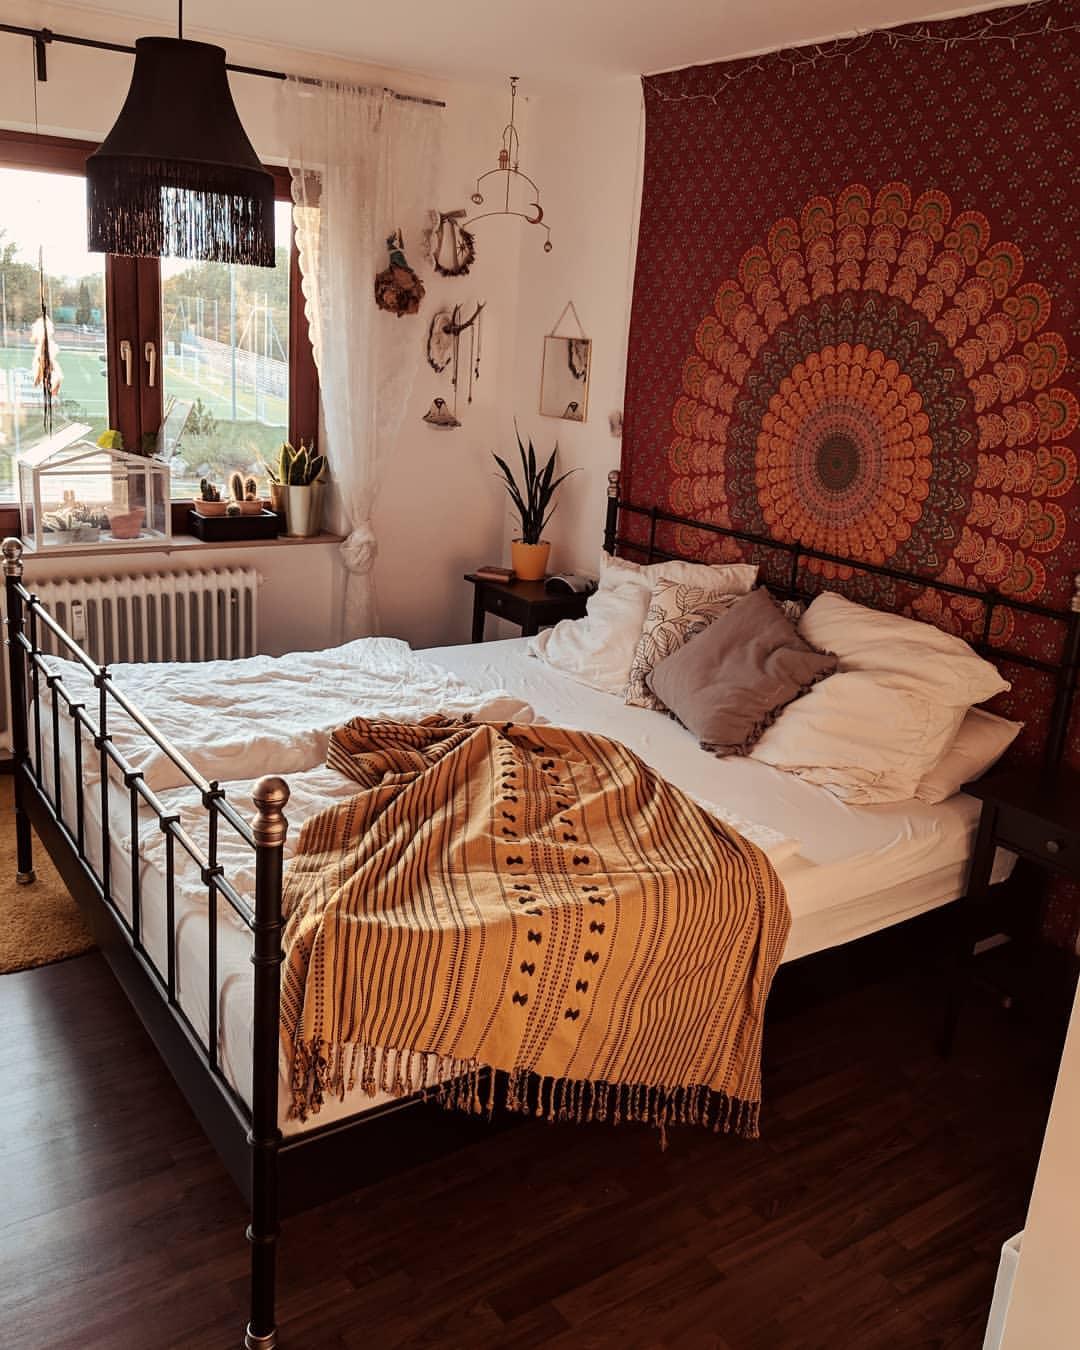 Wie Hänge Ich Ein Wandtuch Auf Wandtuch Shop Karmandala